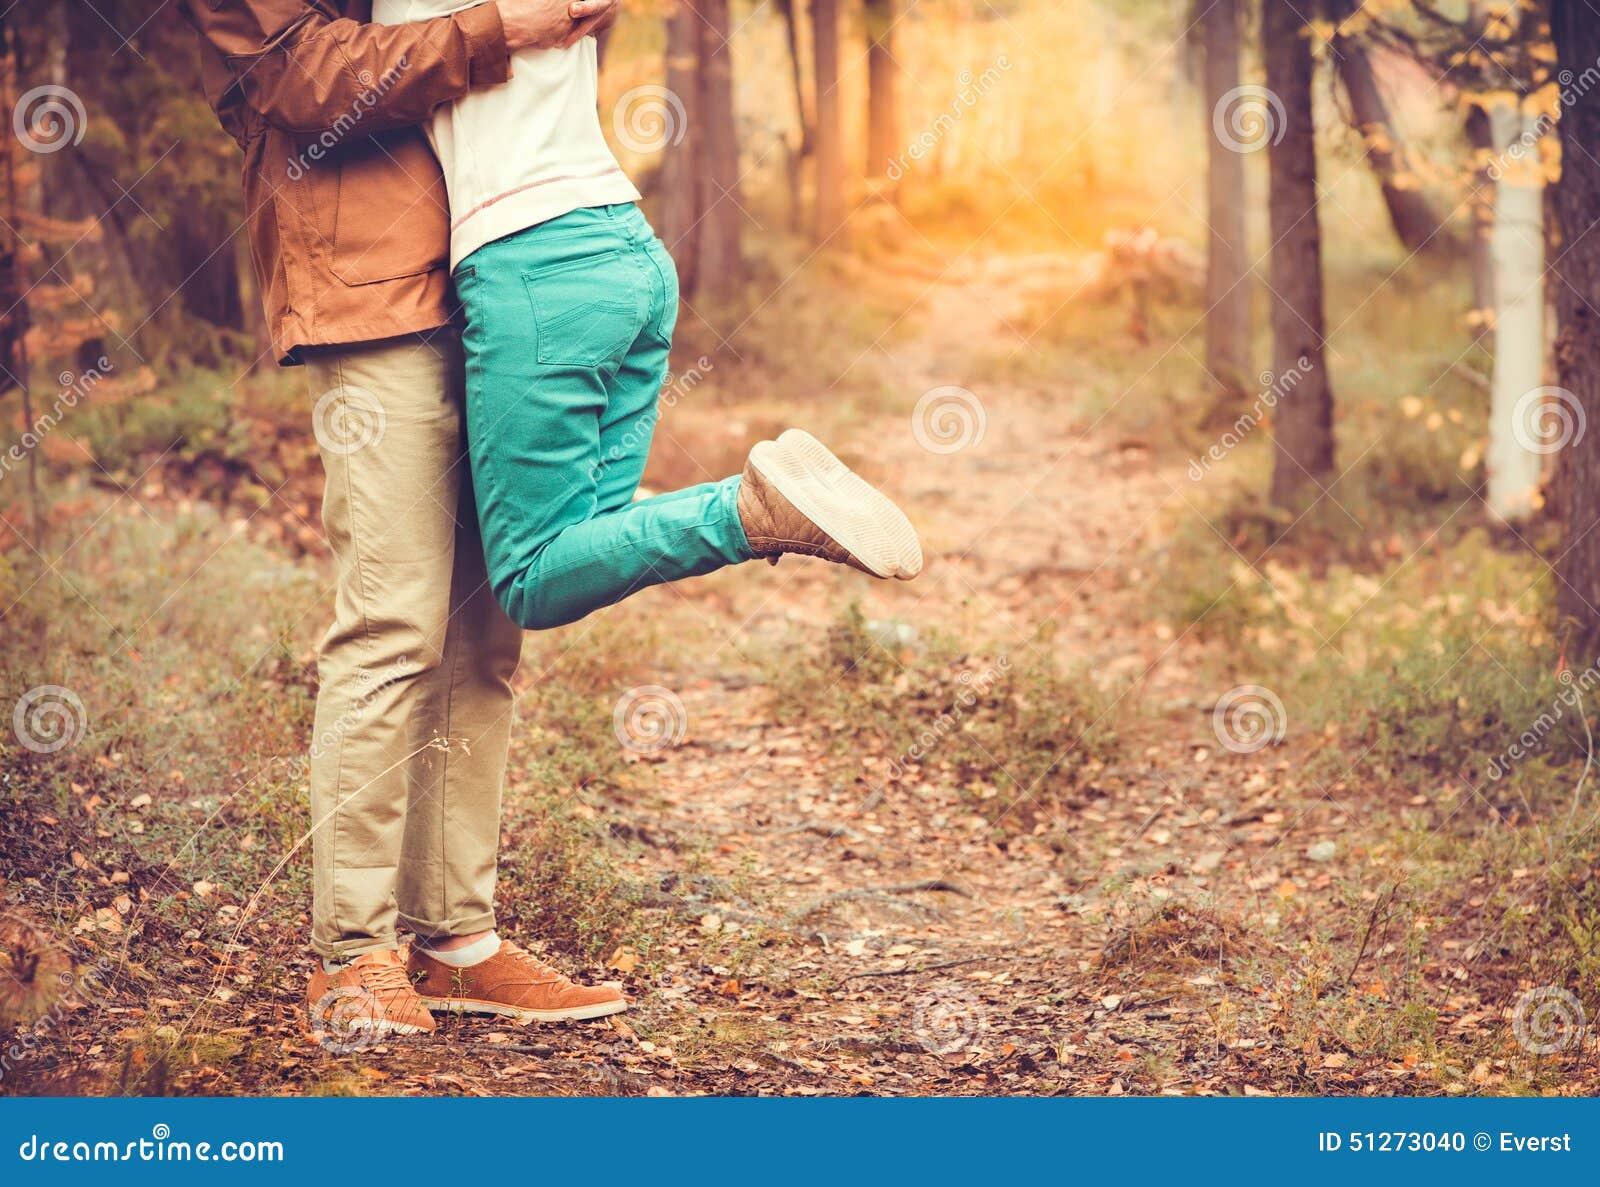 Acople o homem e a mulher que abraçam no relacionamento romântico do amor